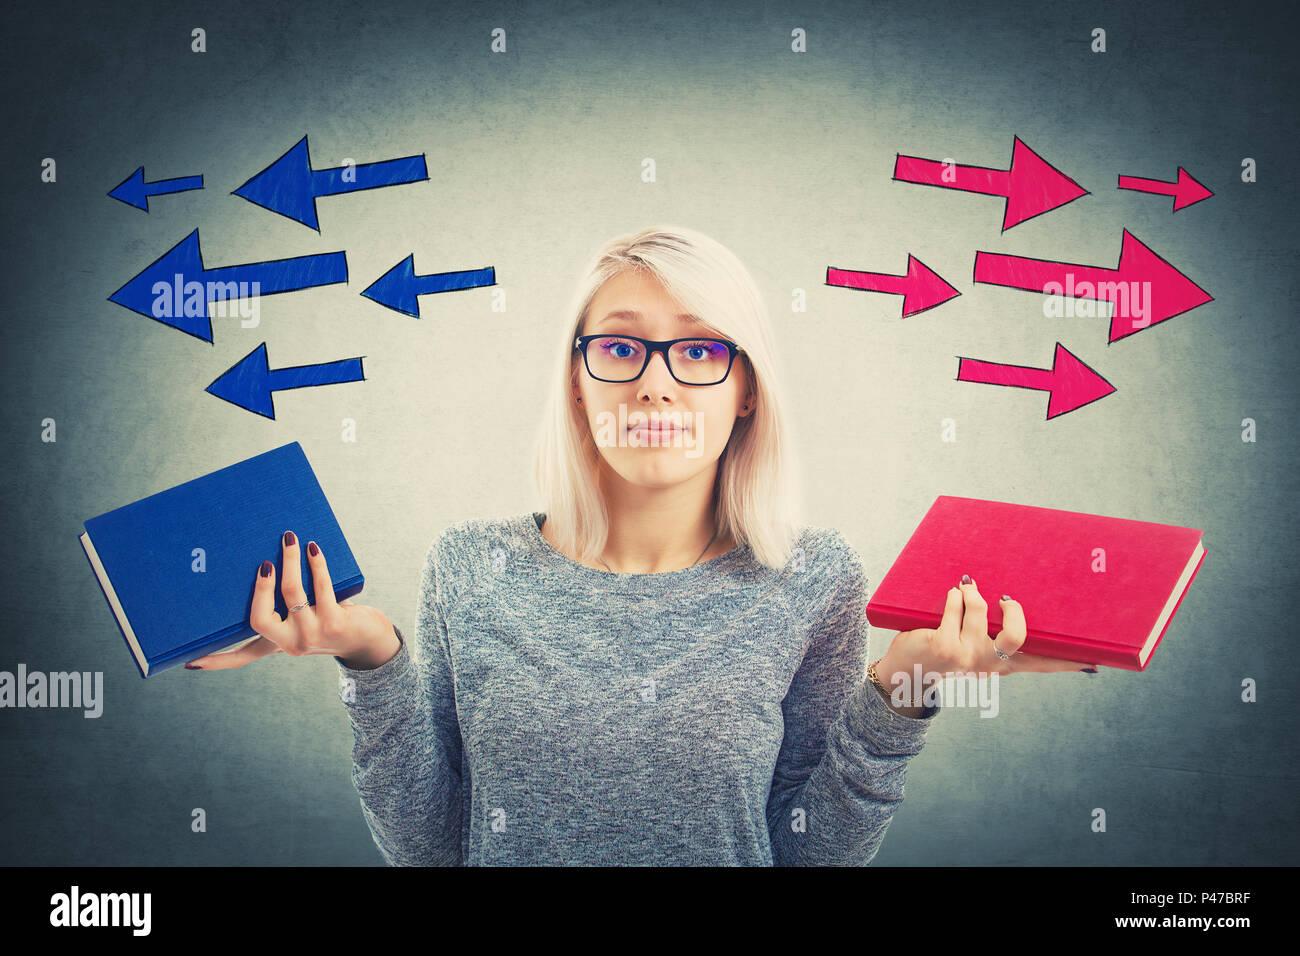 Confundido joven elegir entre dos libros, rojo y azul, con flechas poinded hacia el lado izquierdo y derecho. Difícil decisión, el concepto de la educación, Imagen De Stock